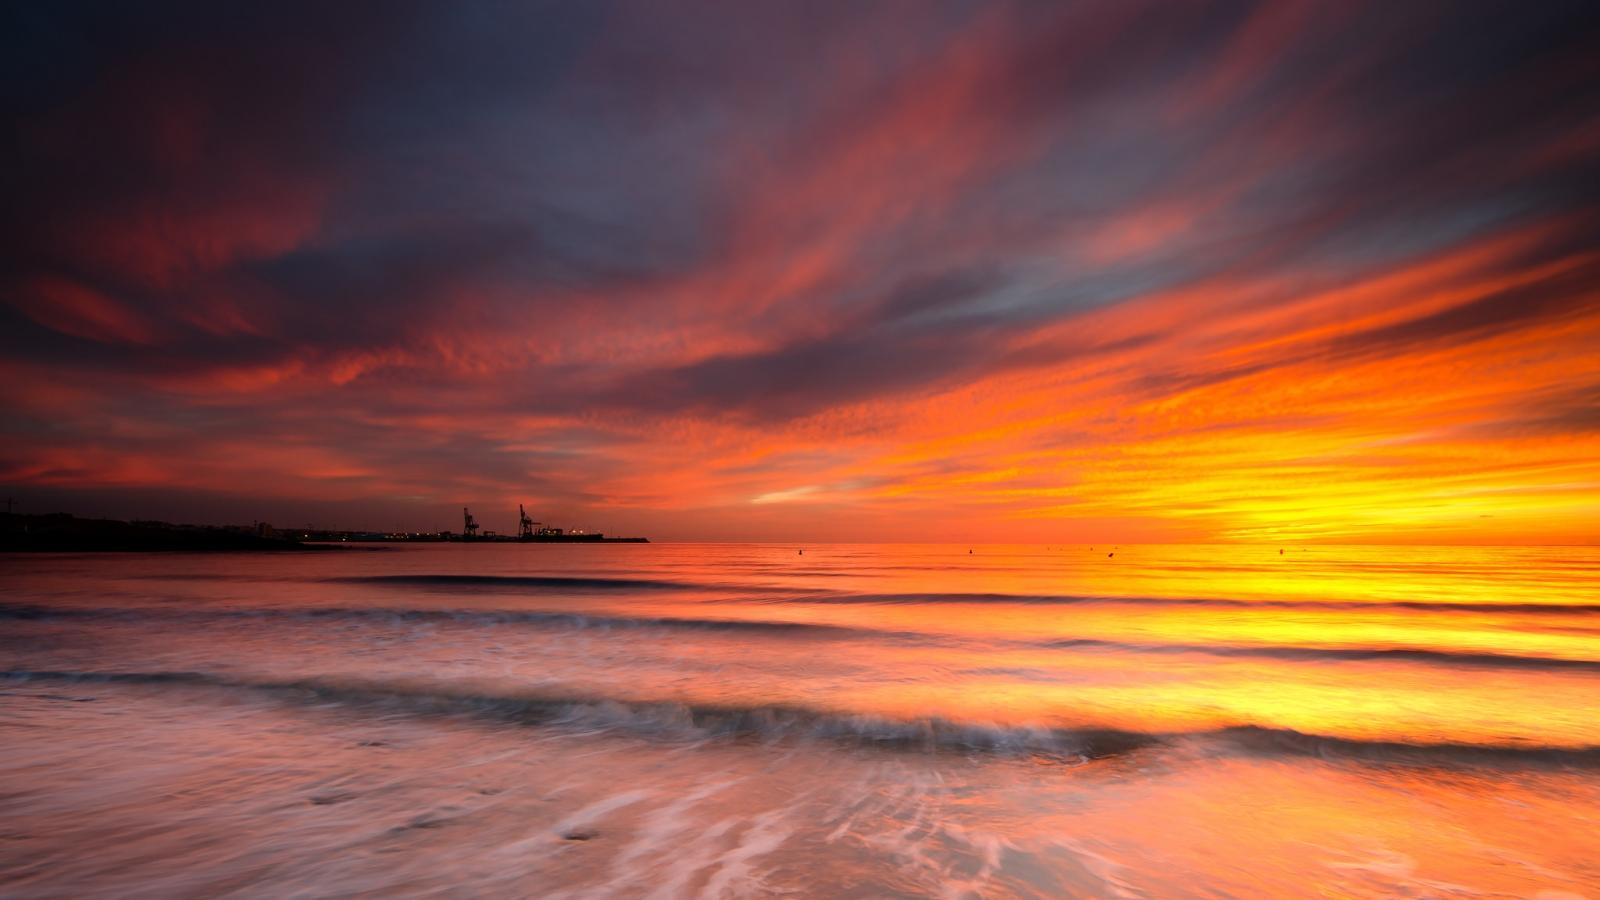 Cielo naranja en el mar - 1600x900